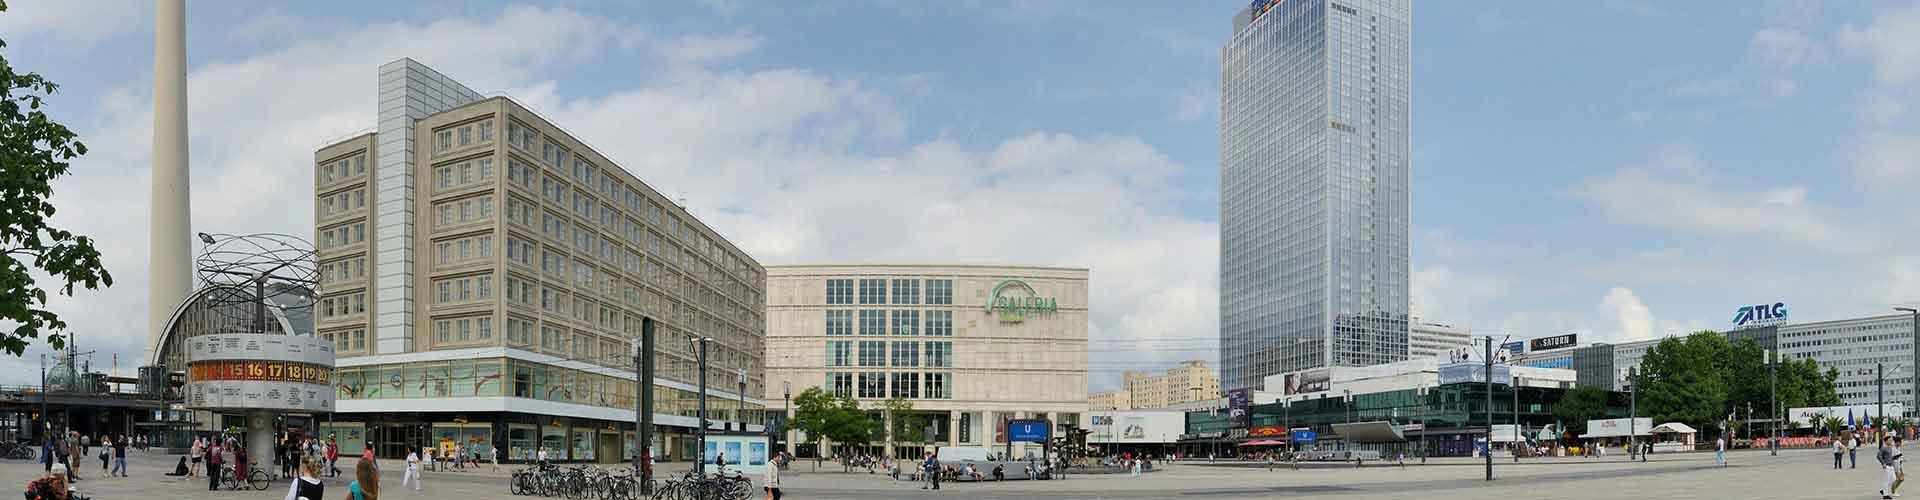 Berlin - Auberges de jeunesse près de Alexanderplatz. Cartes pour Berlin, photos et commentaires pour chaque auberge de jeunesse à Berlin.